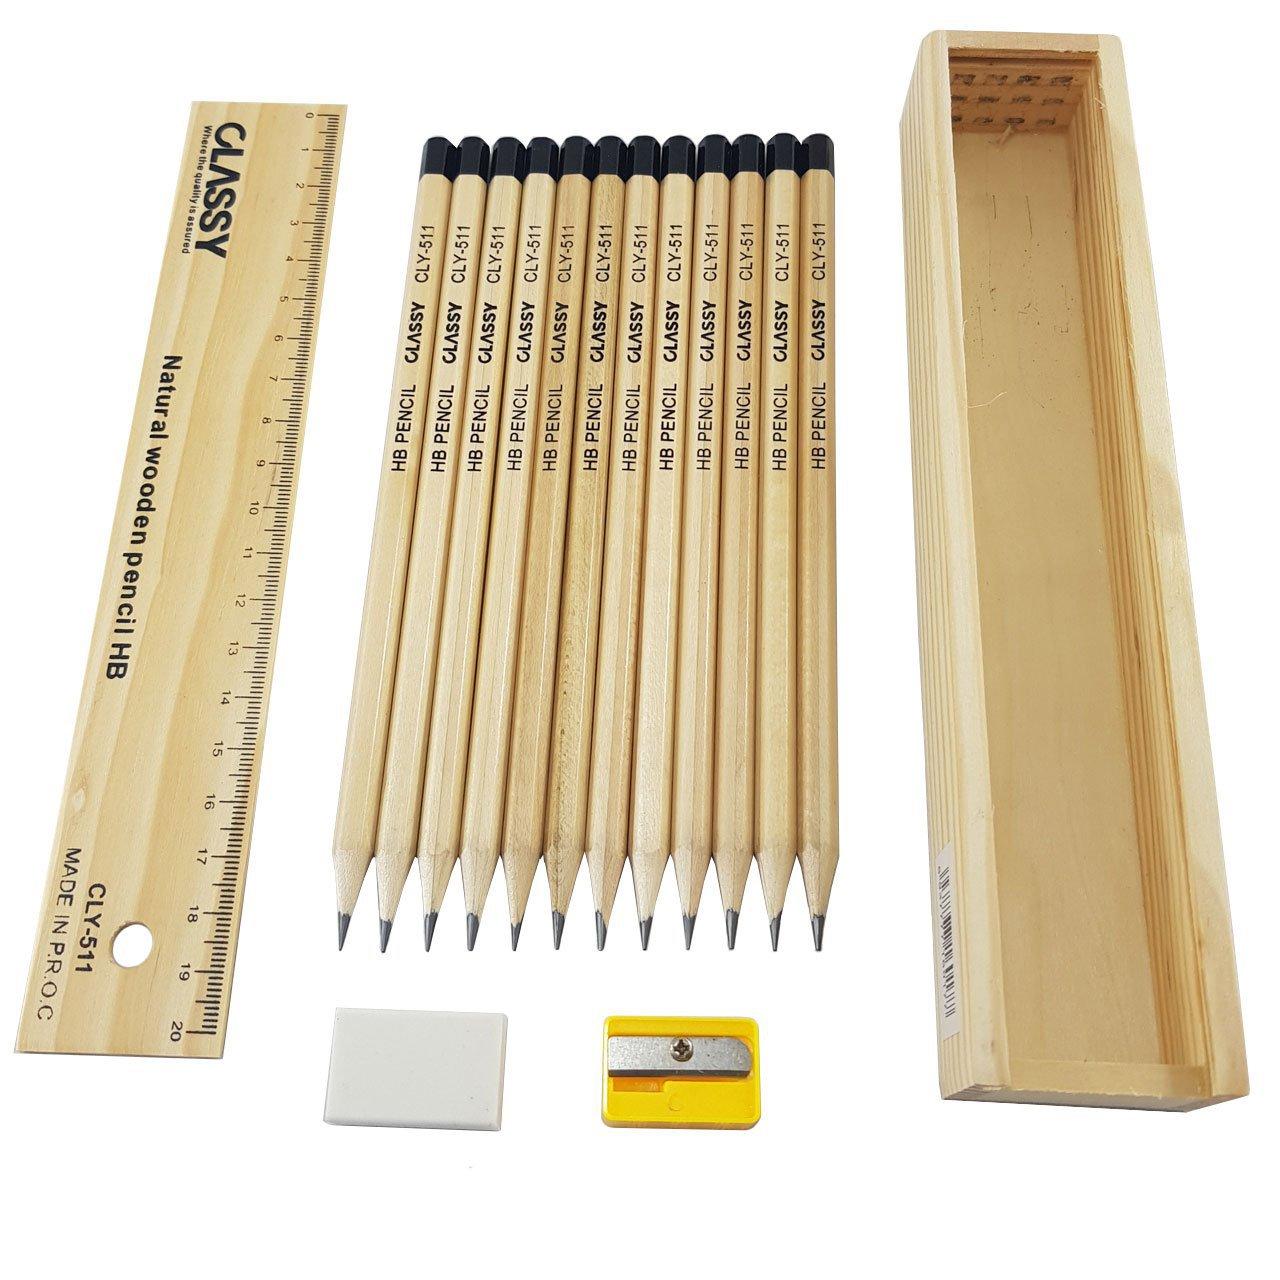 مداد کلاسی مدل CLY-511 مجموعه 12 عددی